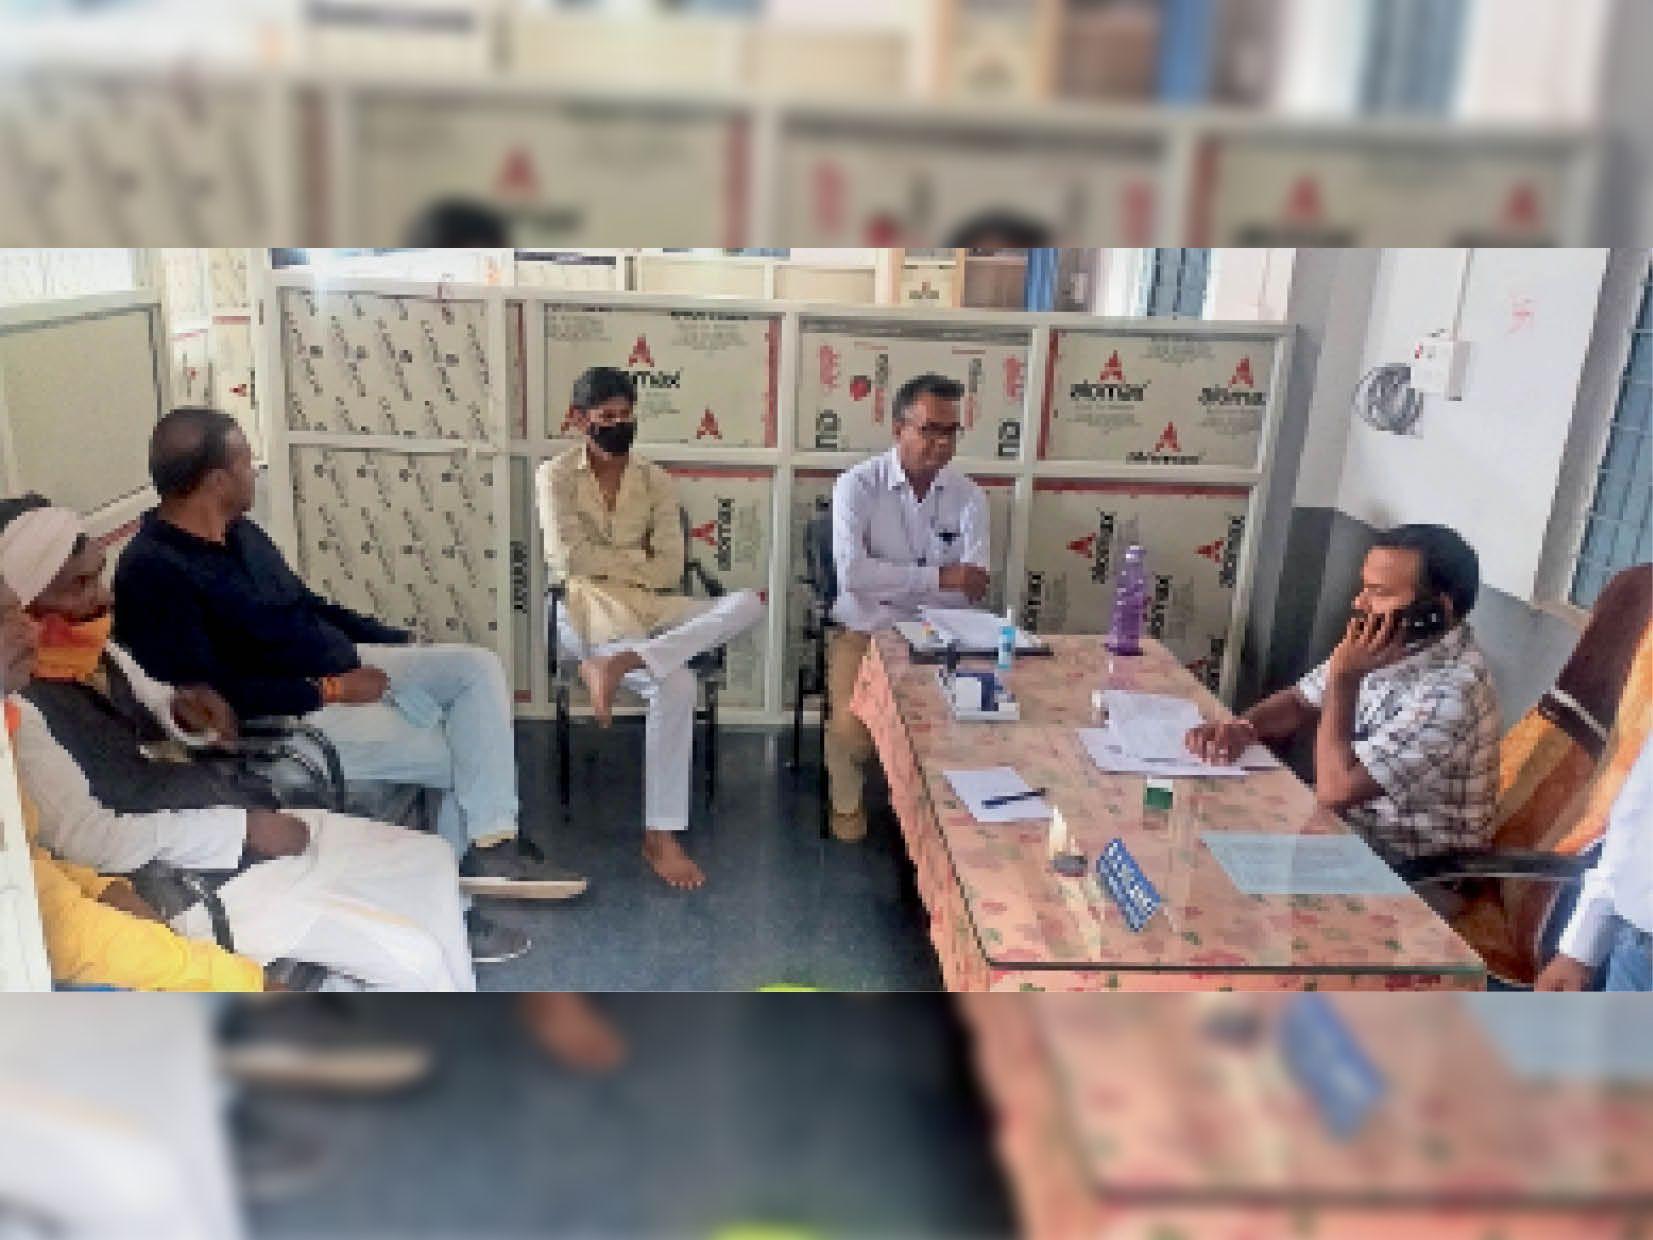 नगर परिषद कार्यालय में सीएमओ और शिकायतकर्ताओं से चर्चा करते पीएचई विभाग के एसडीओ। - Dainik Bhaskar